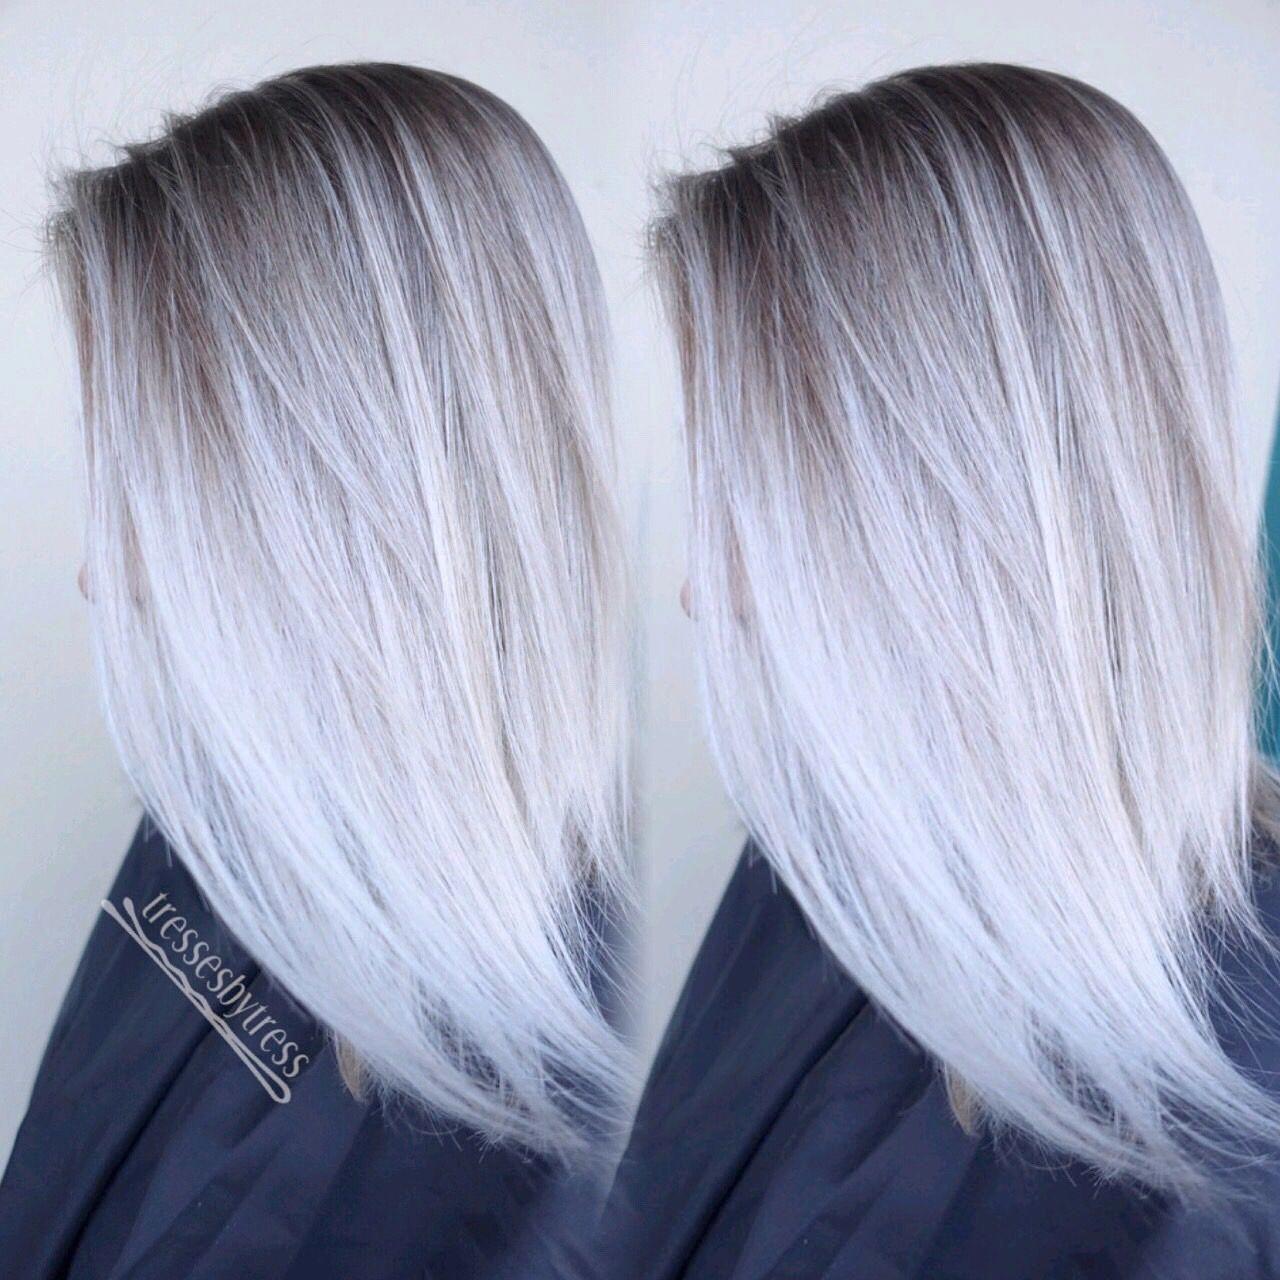 White platinum blonde balayage hair #mybestfounds | Coloración de cabello,  Color de cabello, Cabello rubio